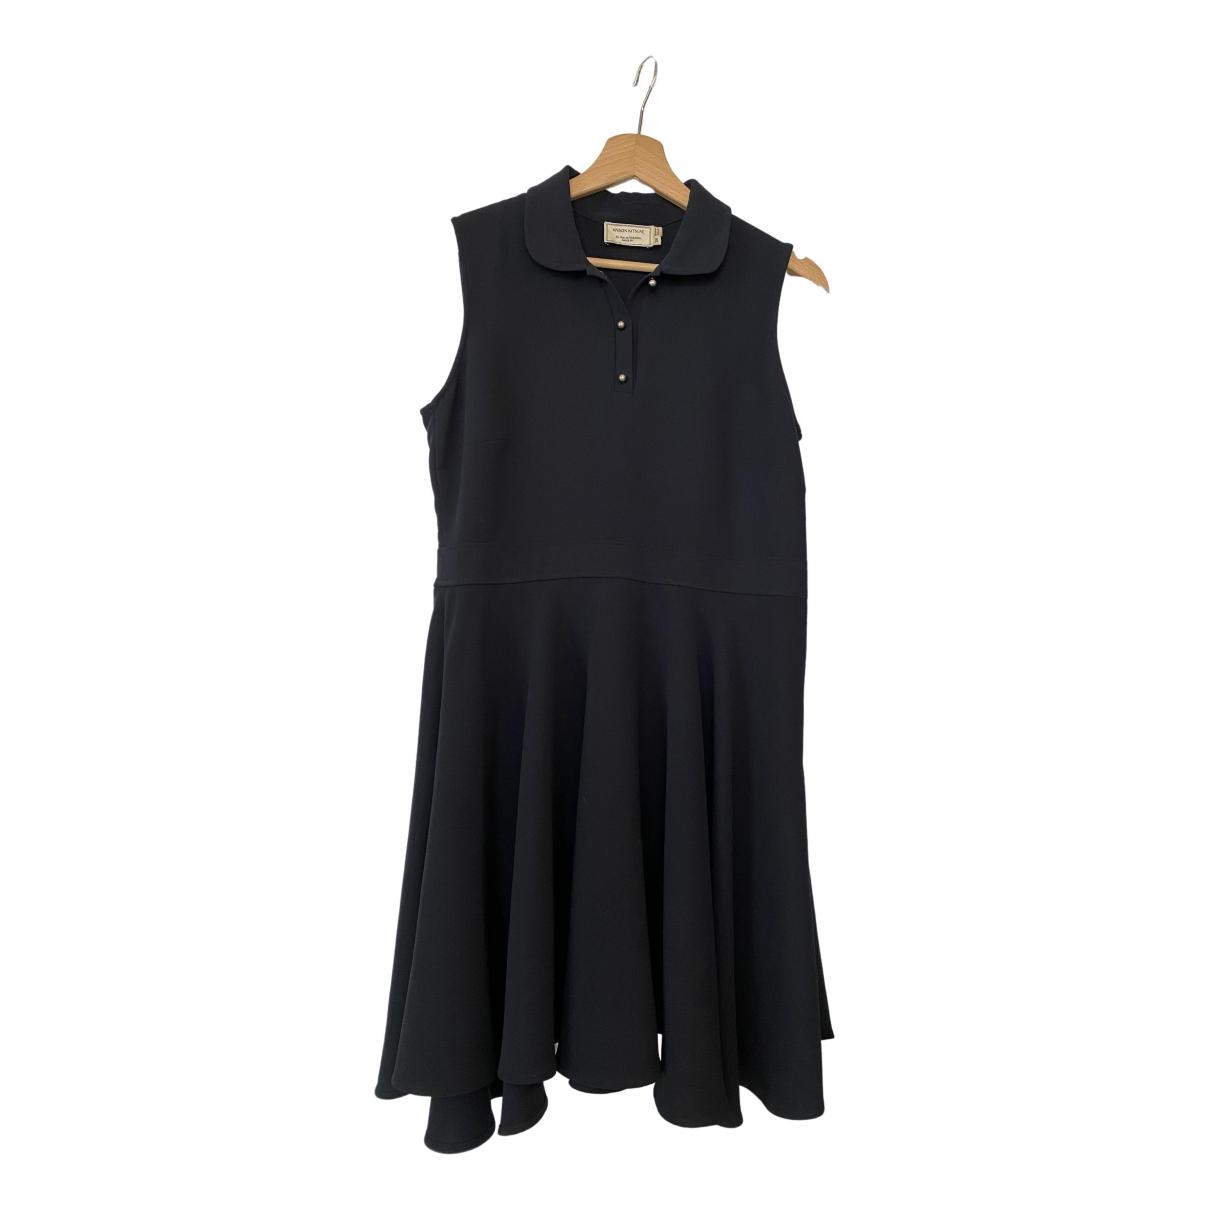 Maison Kitsune \N Navy dress for Women 38 FR